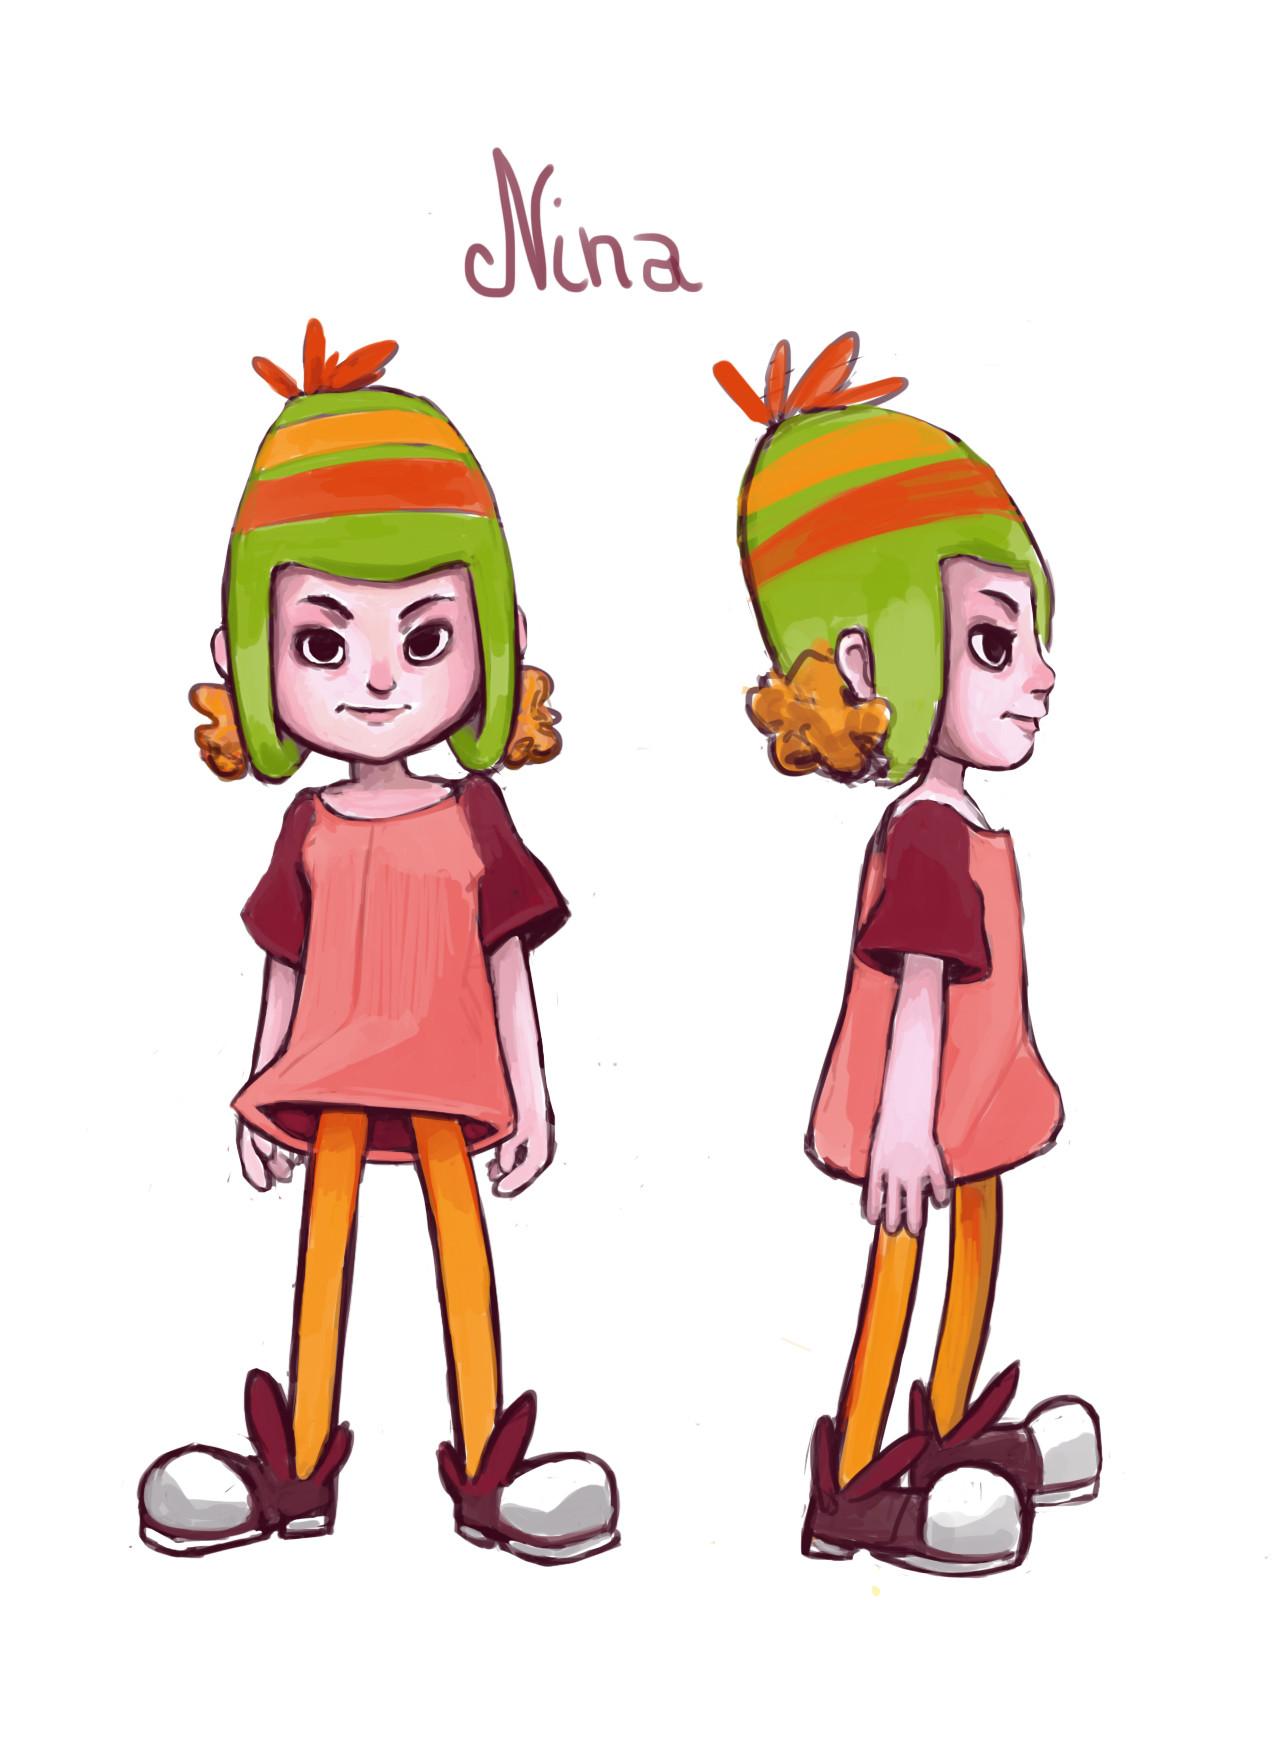 Nina, the Marilou's daughter